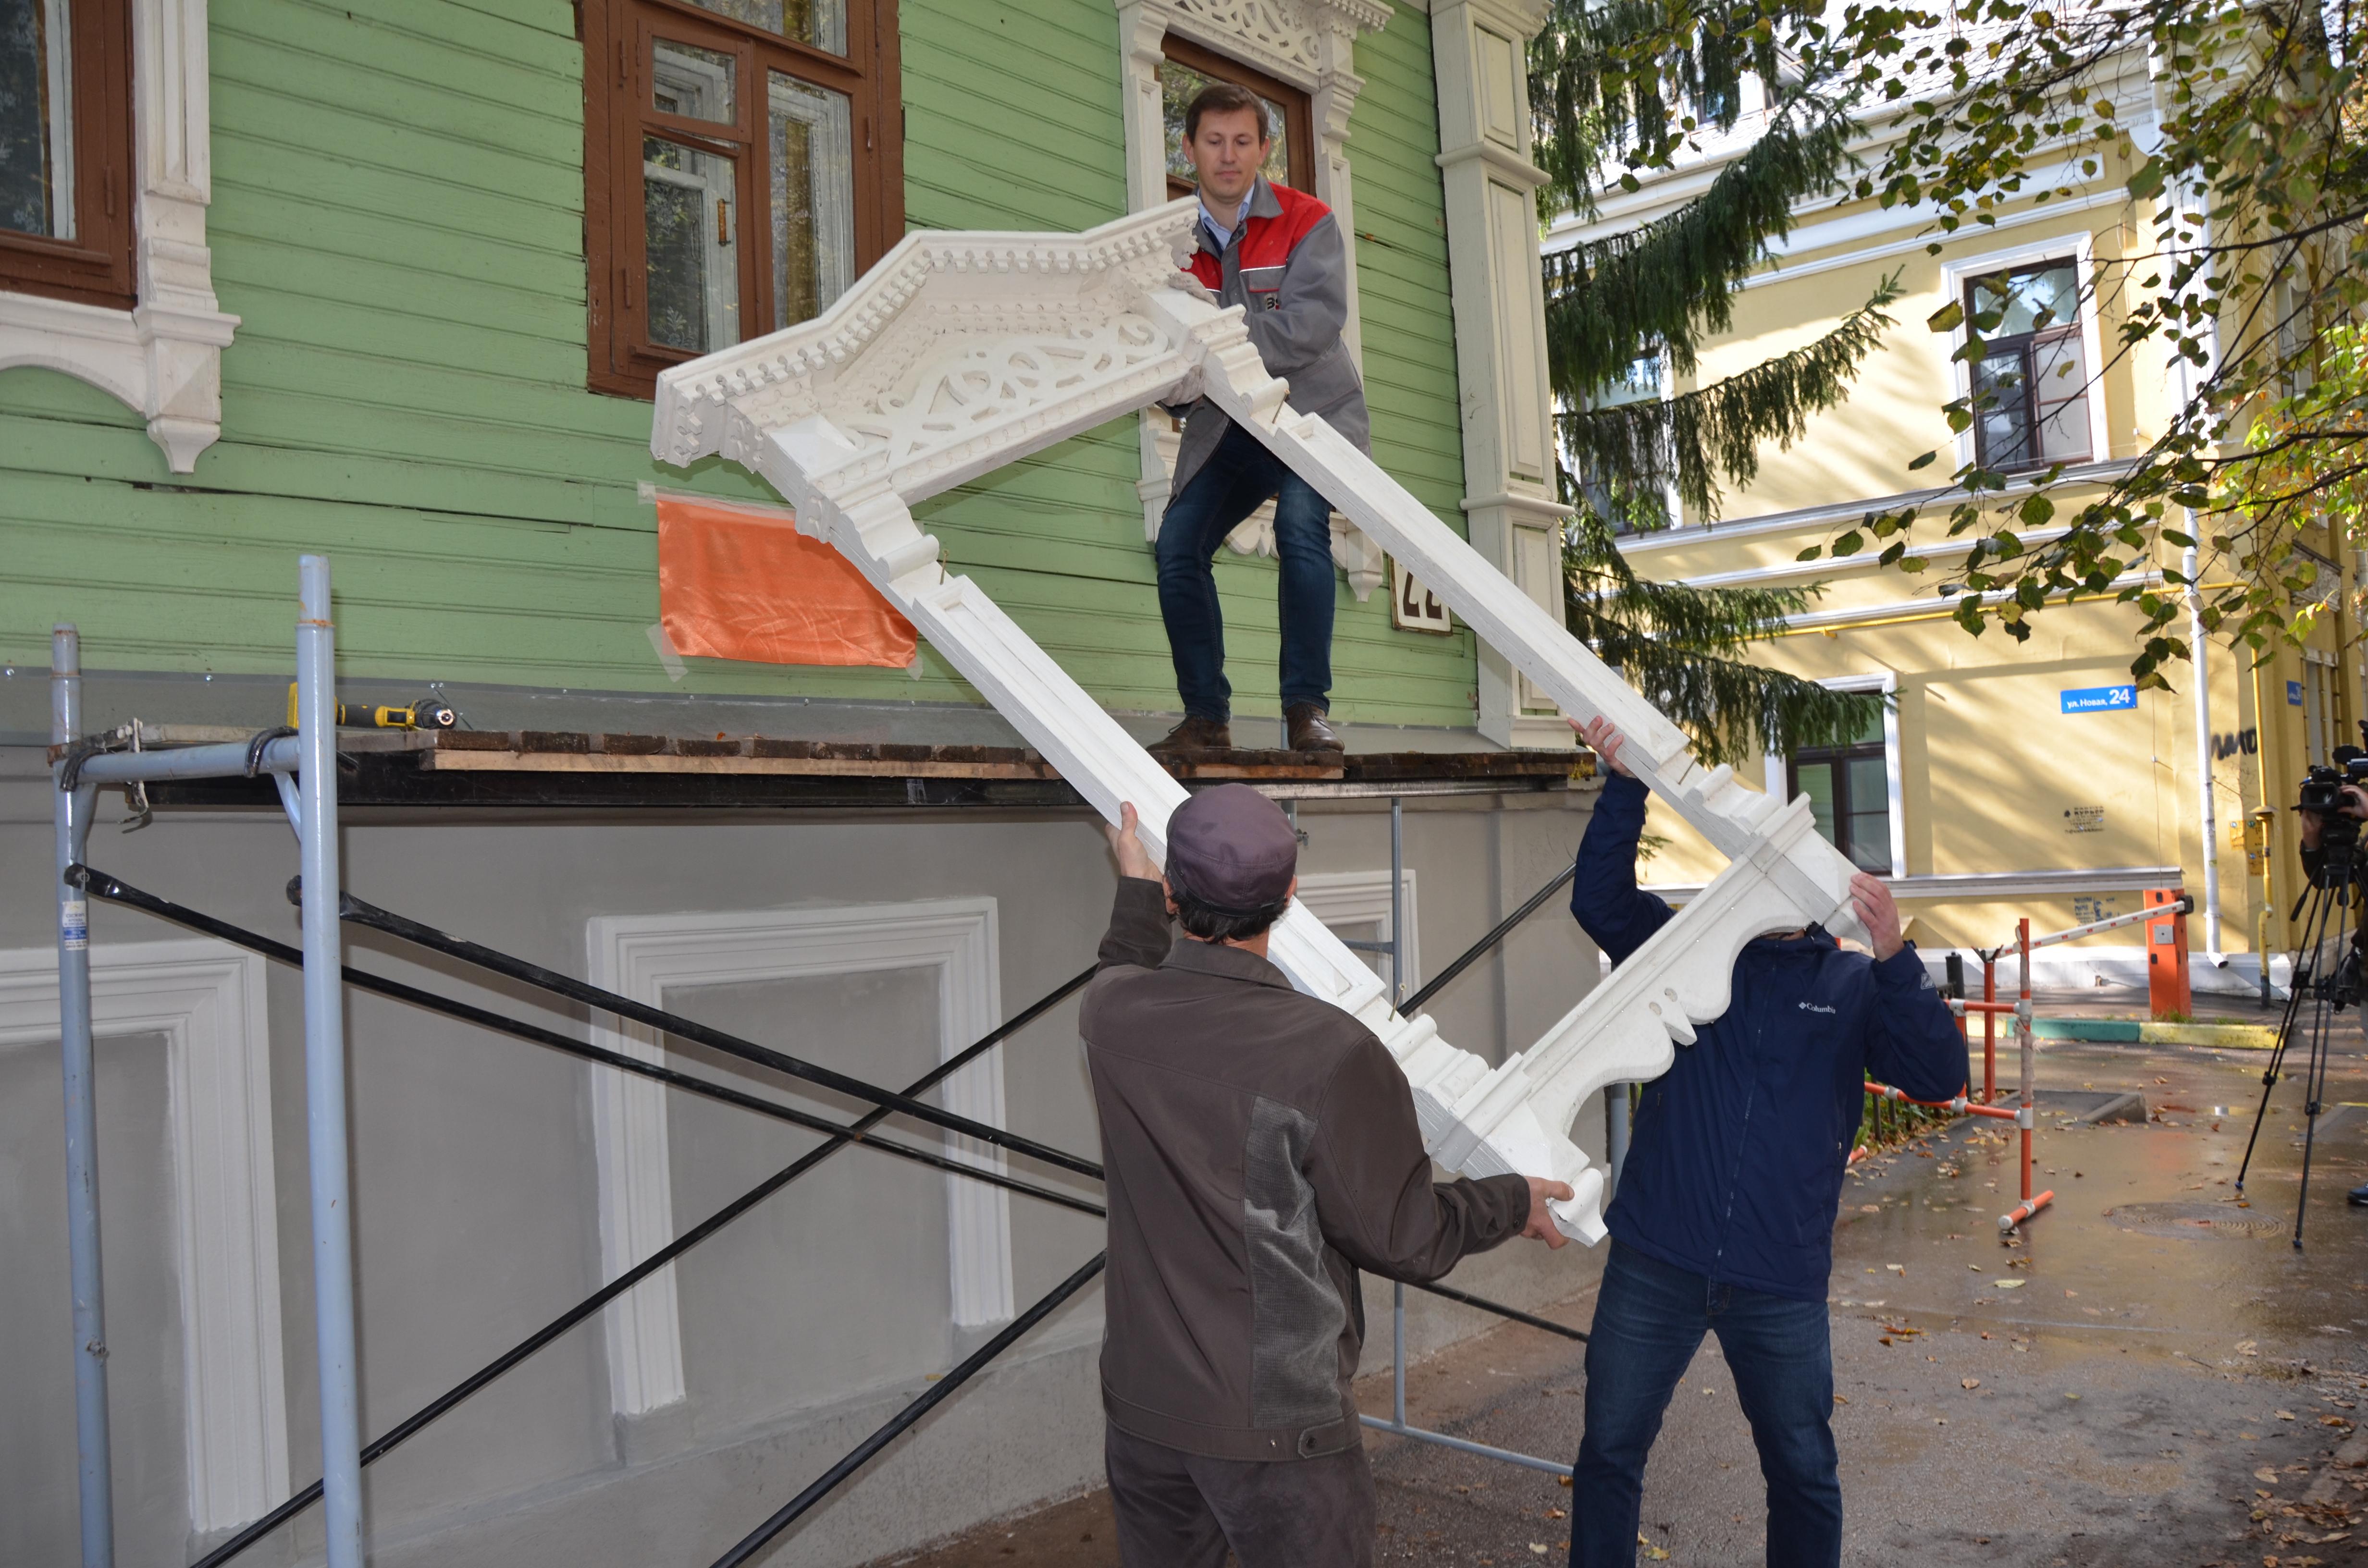 Закрылся Том Сойер Фест Нижний Новгород. Сколько зданий спасли в 2019 году?